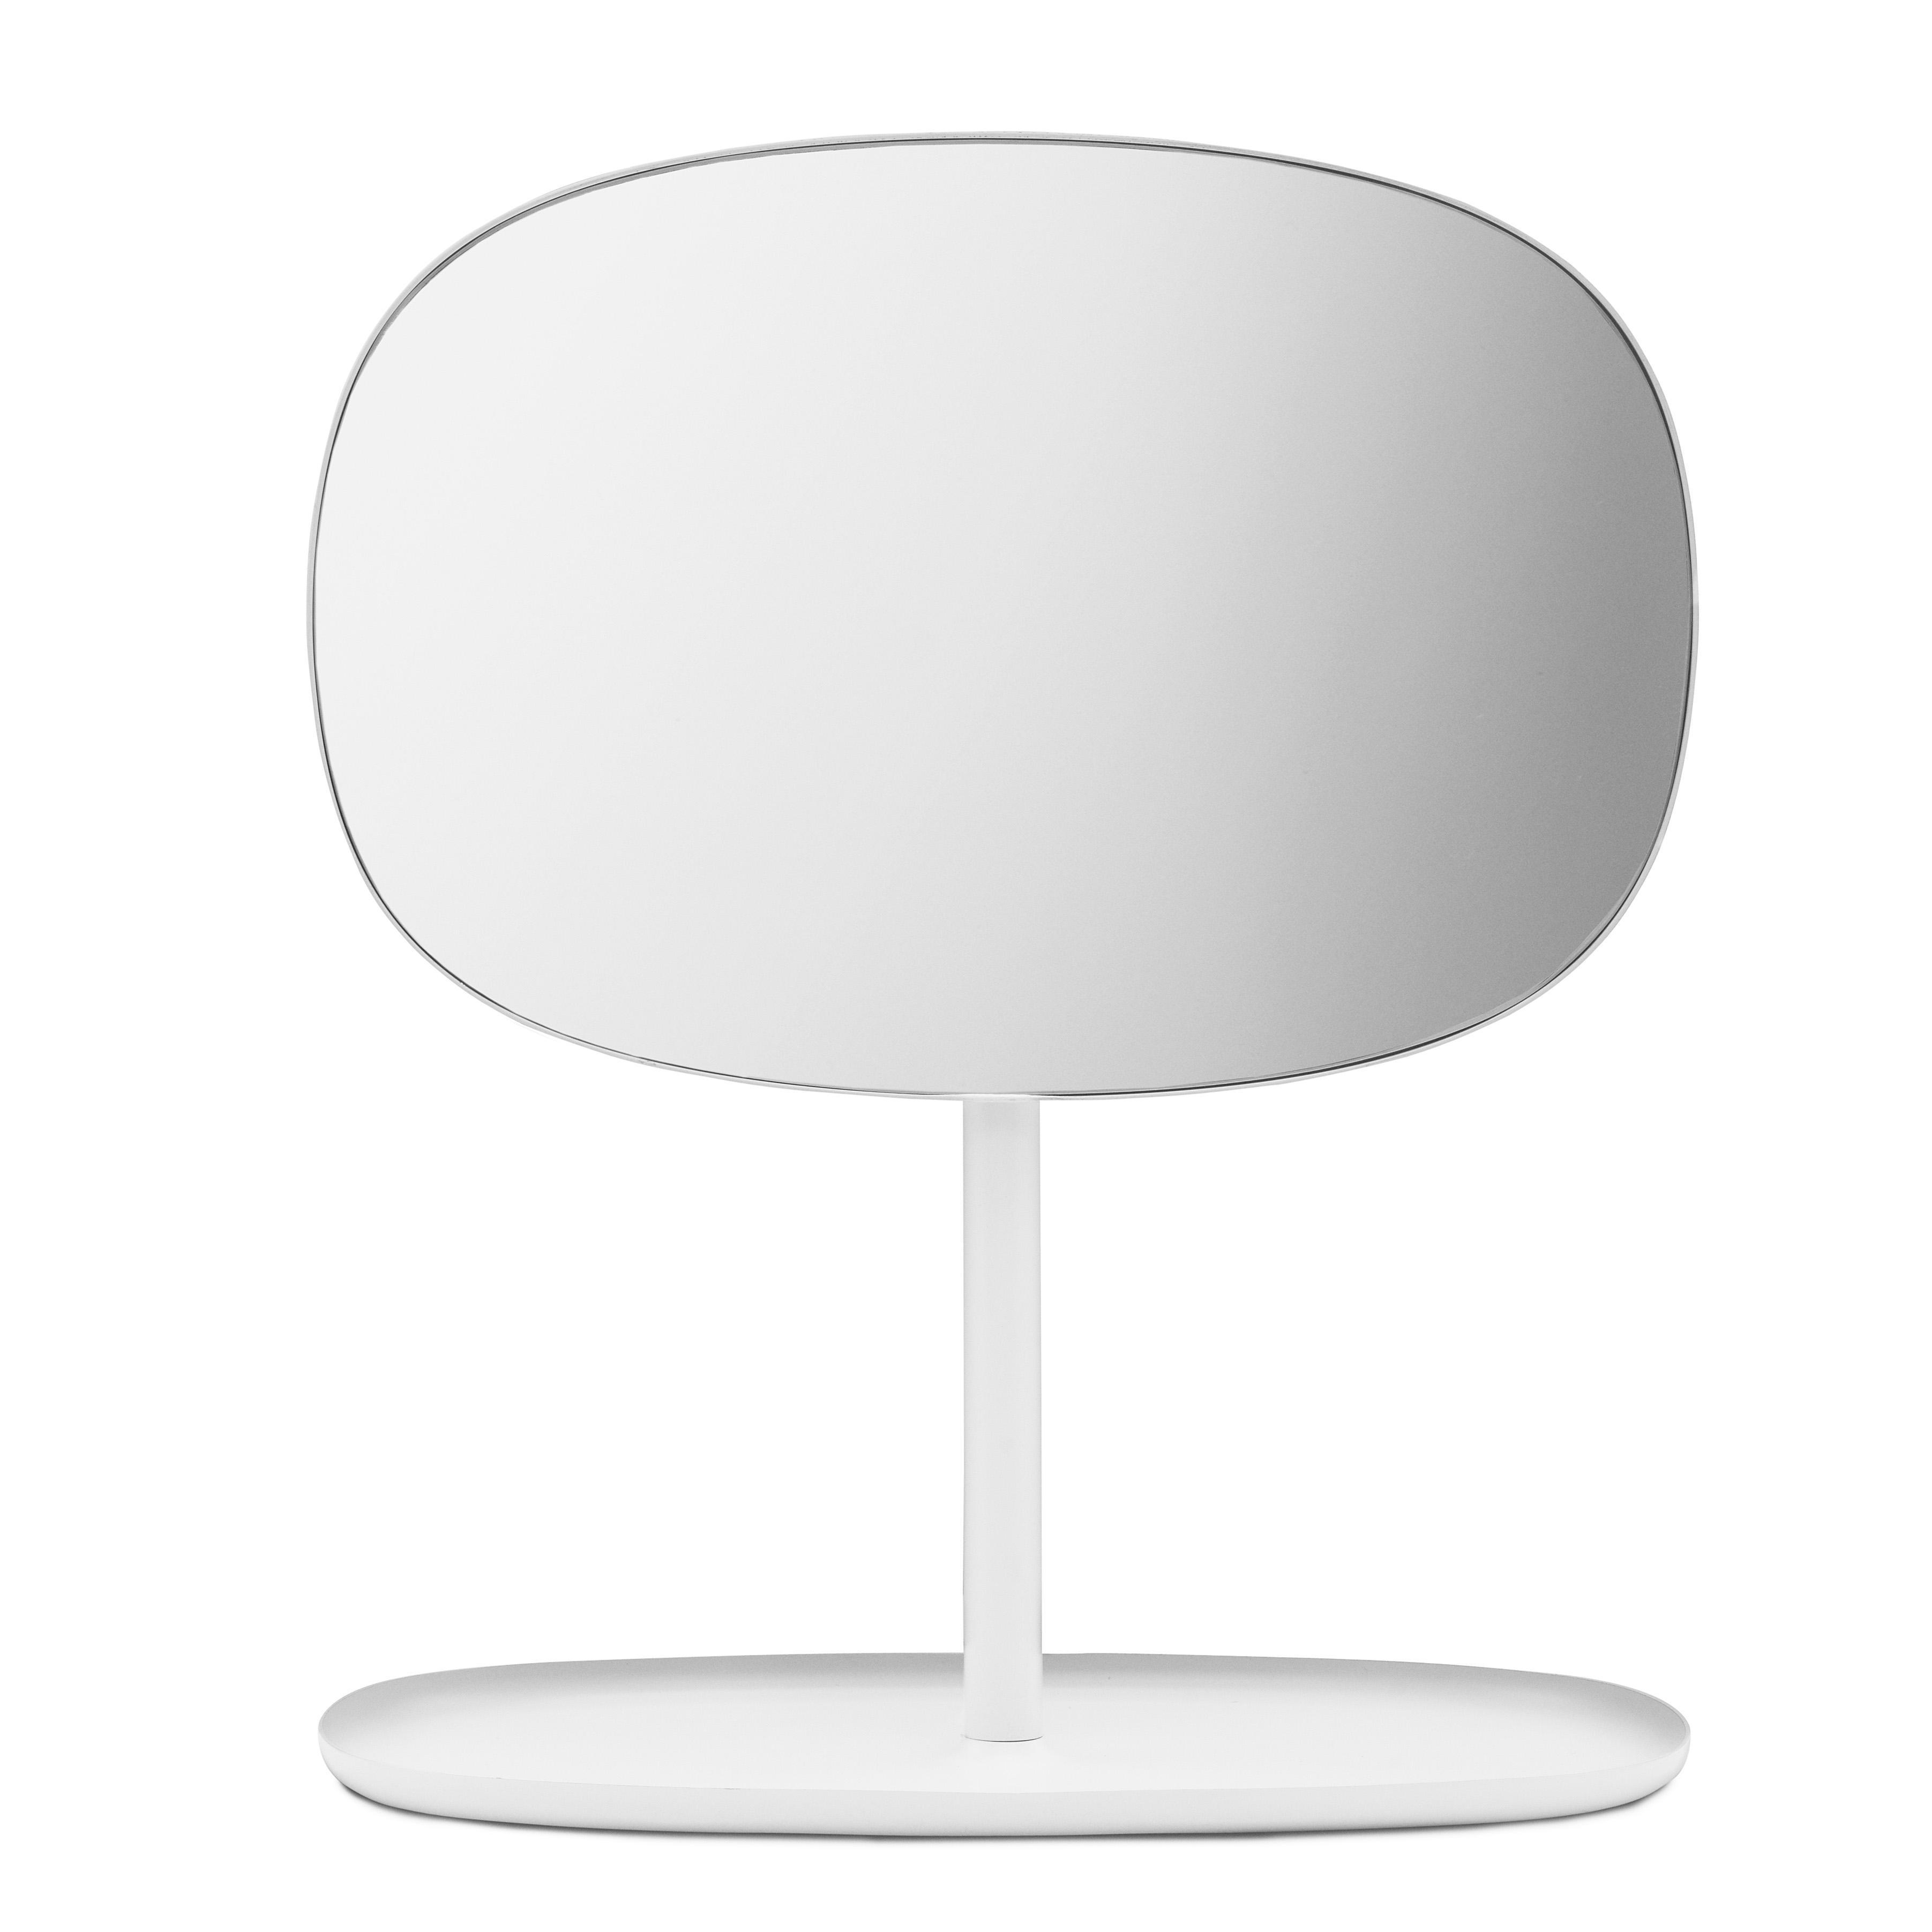 Normann Copenhagen - Flip Kosmetikspiegel - weiß/BxHxT 28x34|5x19|5cm | Bad > Bad-Accessoires > Kosmetikspiegel | Weiß | Stahl| spiegelglas | Normann Copenhagen